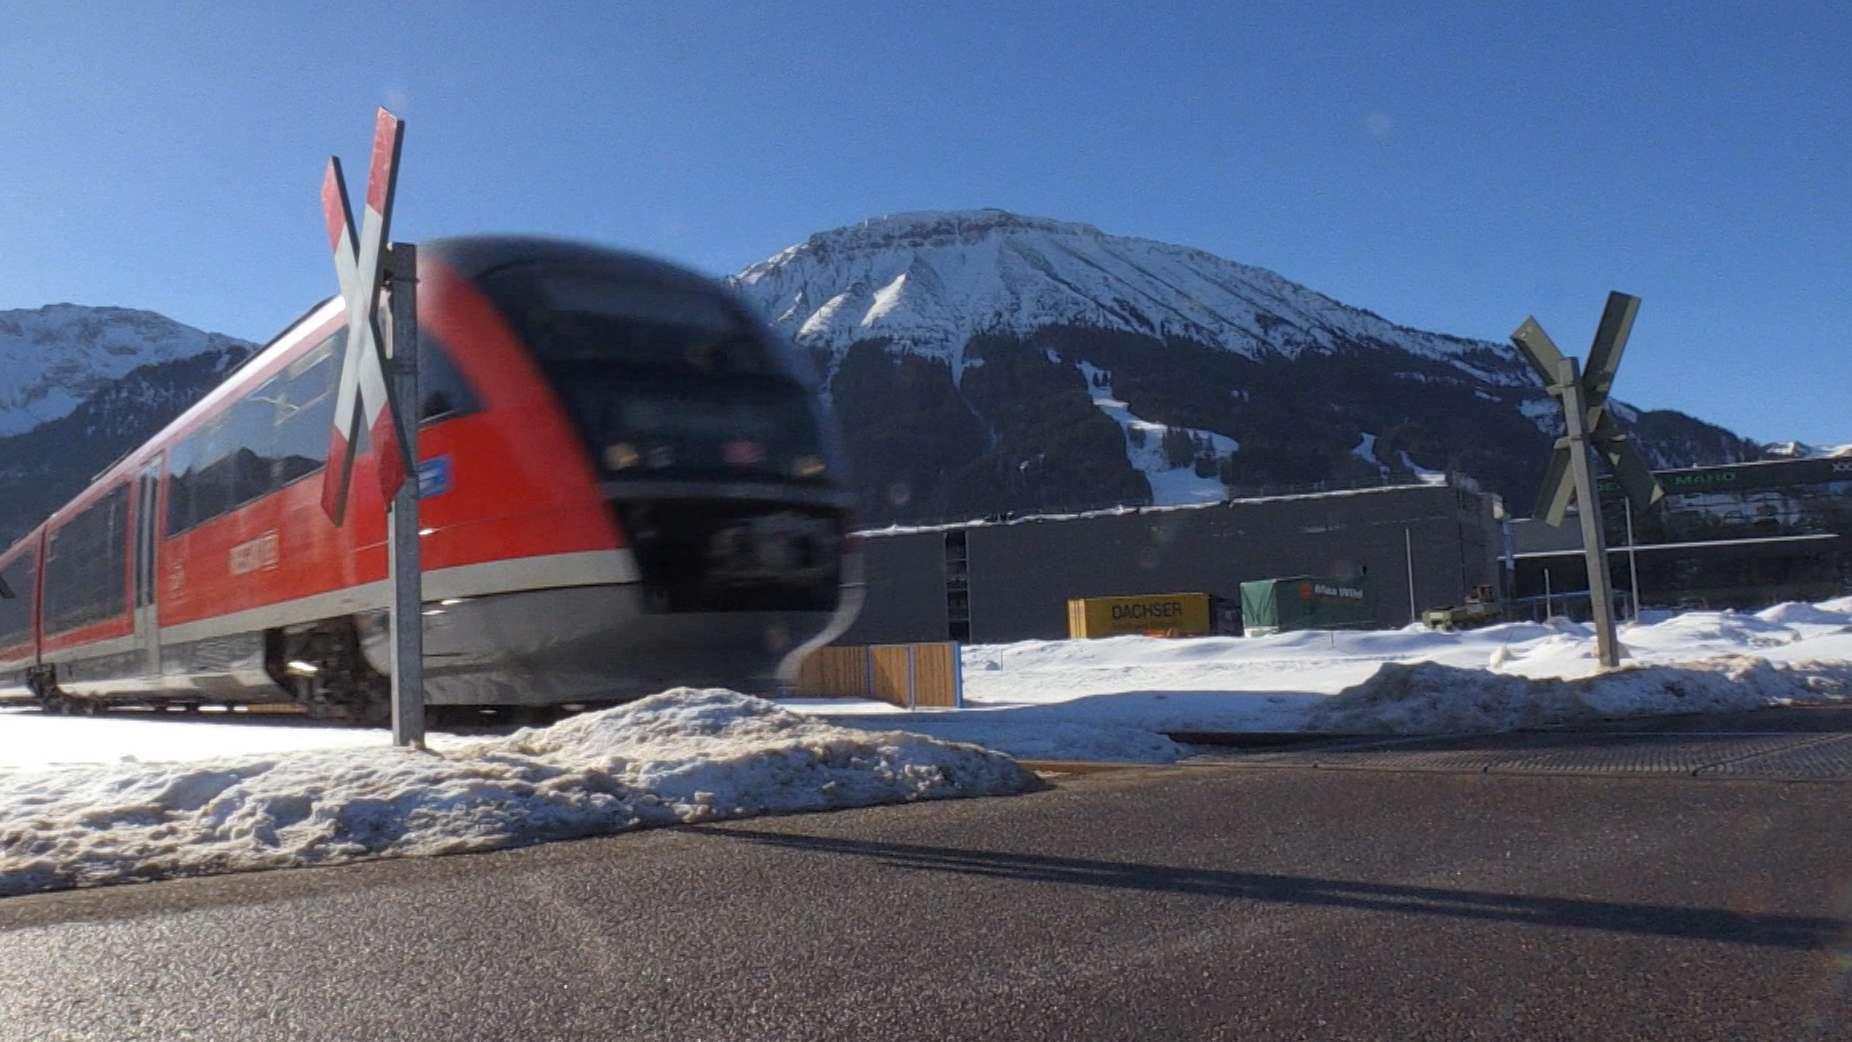 Zug an ungeschranktem Bahnübergang